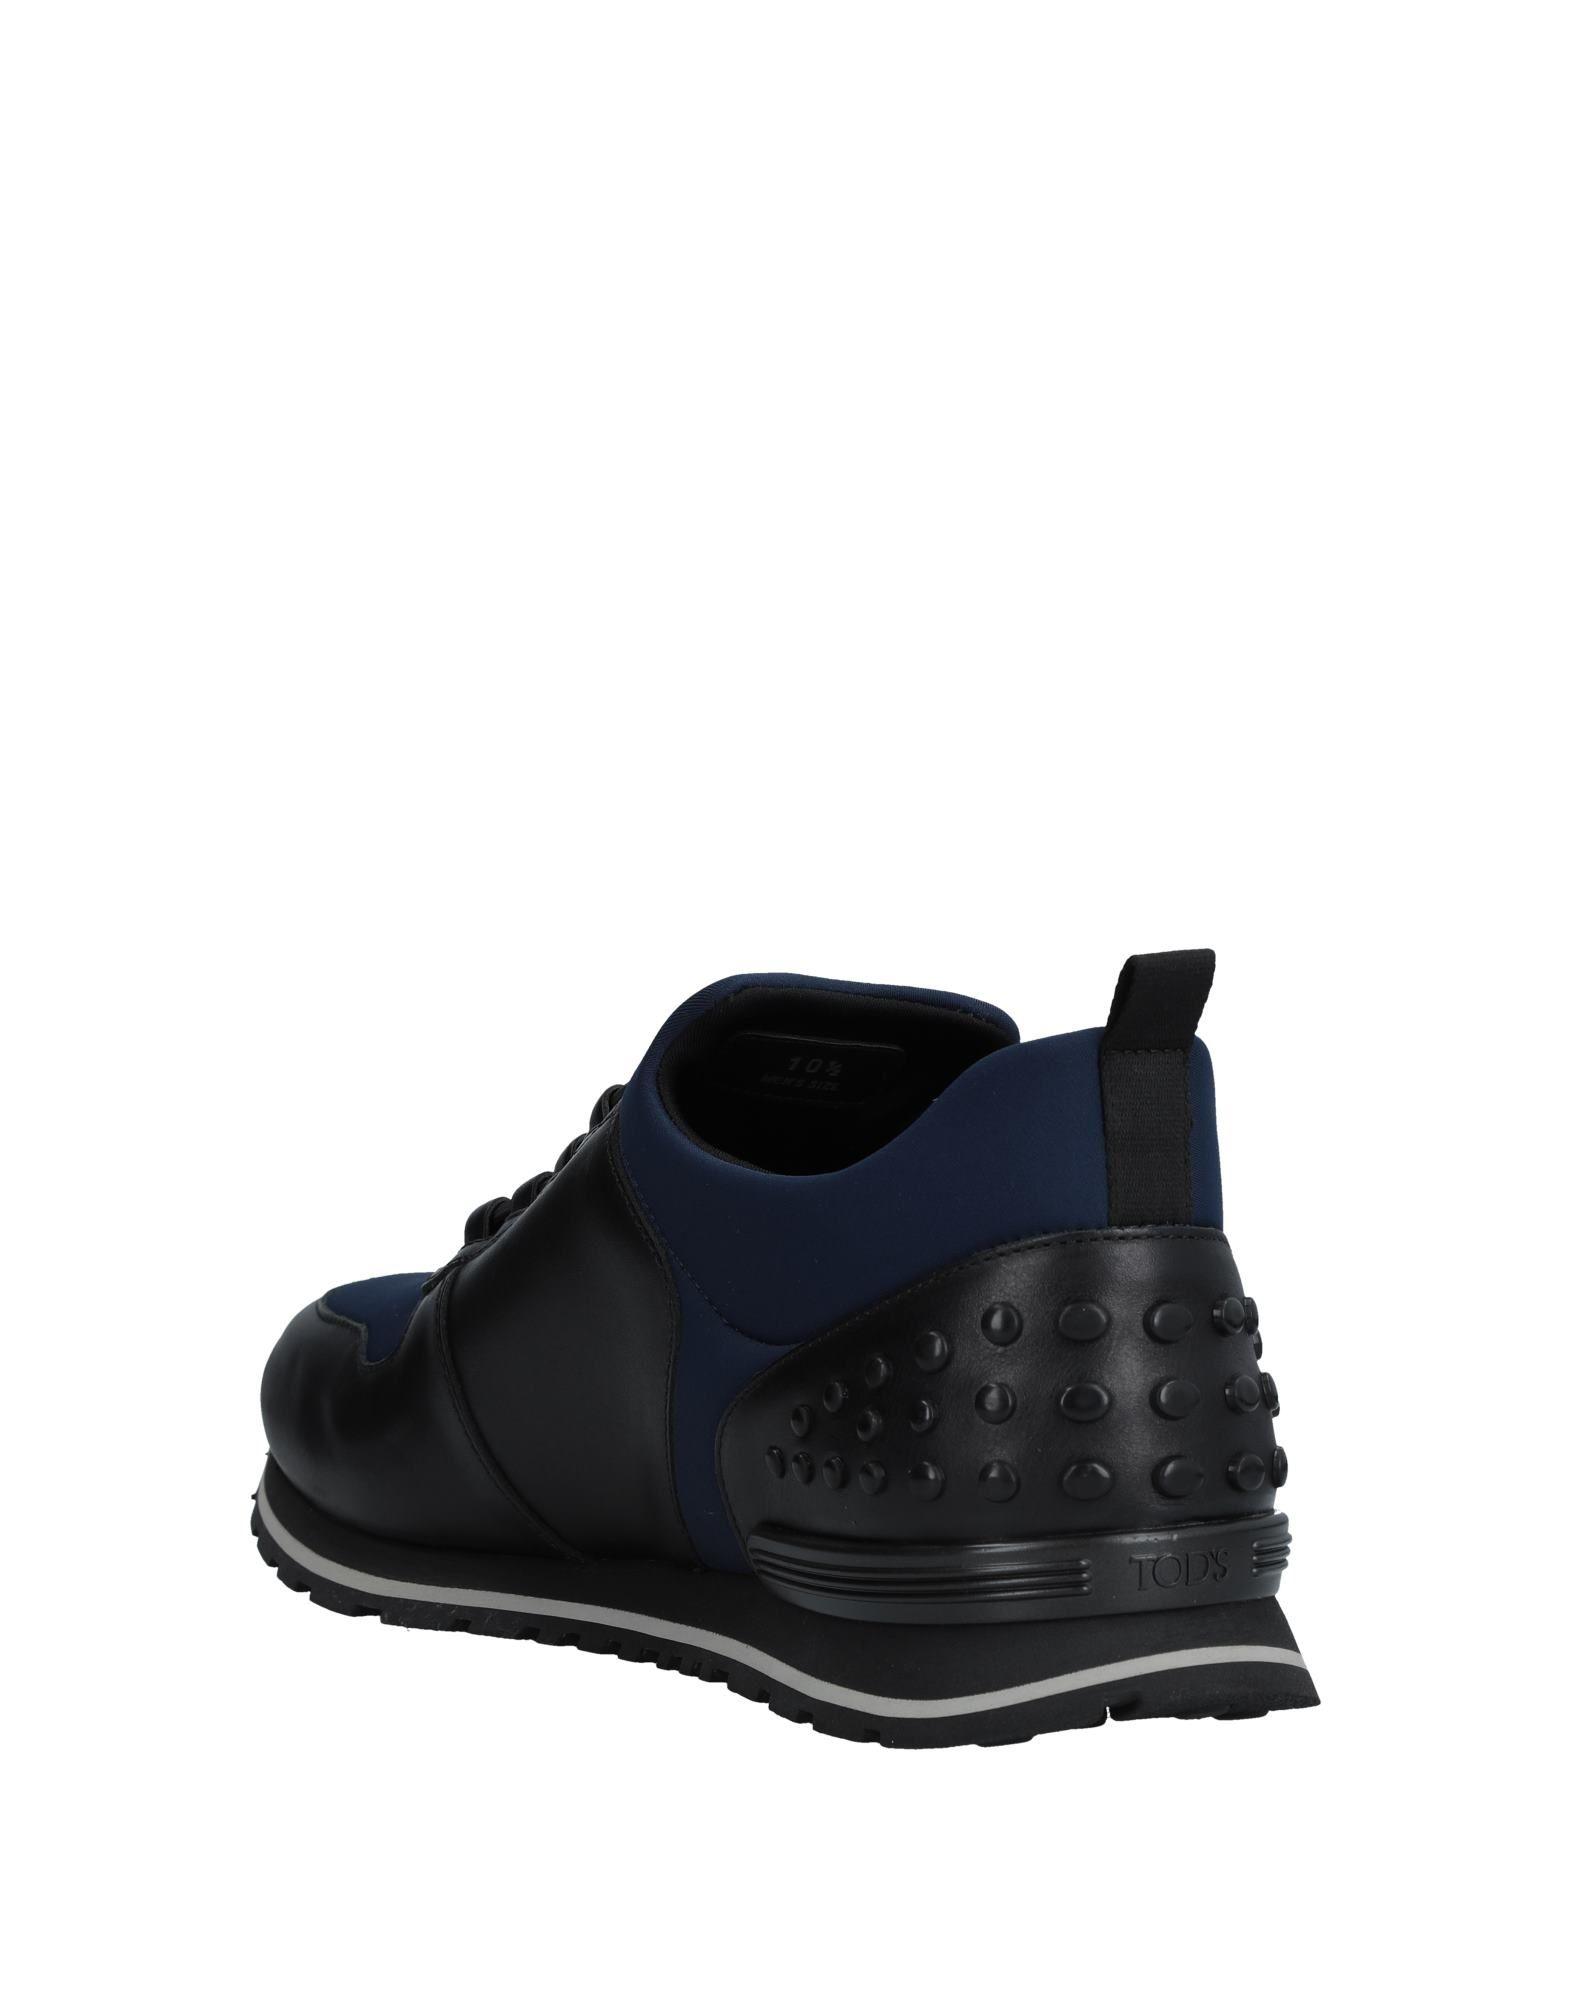 Tod's Sneakers Gute Herren  11541238IV Gute Sneakers Qualität beliebte Schuhe cf1191